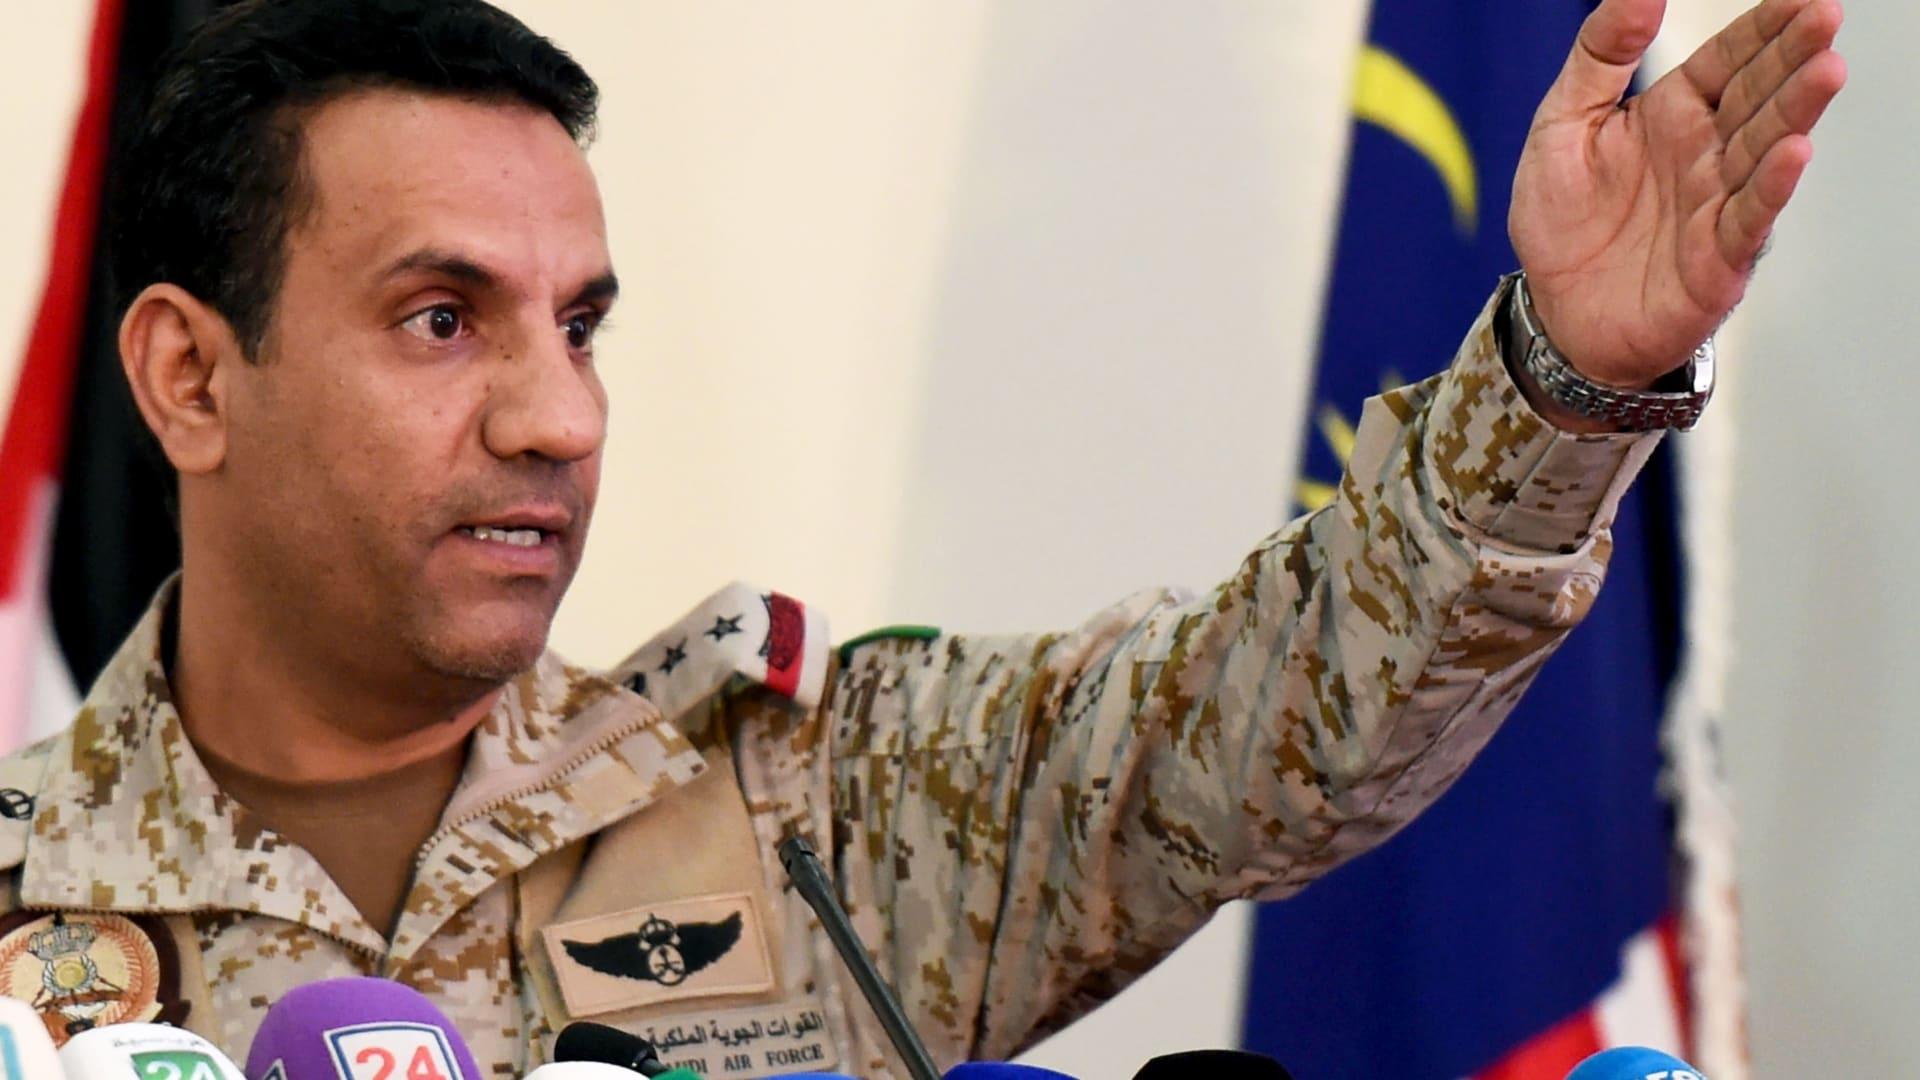 التحالف يرد على اتهام الحوثيين للسعودية بترحيل 800 صومالي إلى مناطق سيطرتهم في اليمن